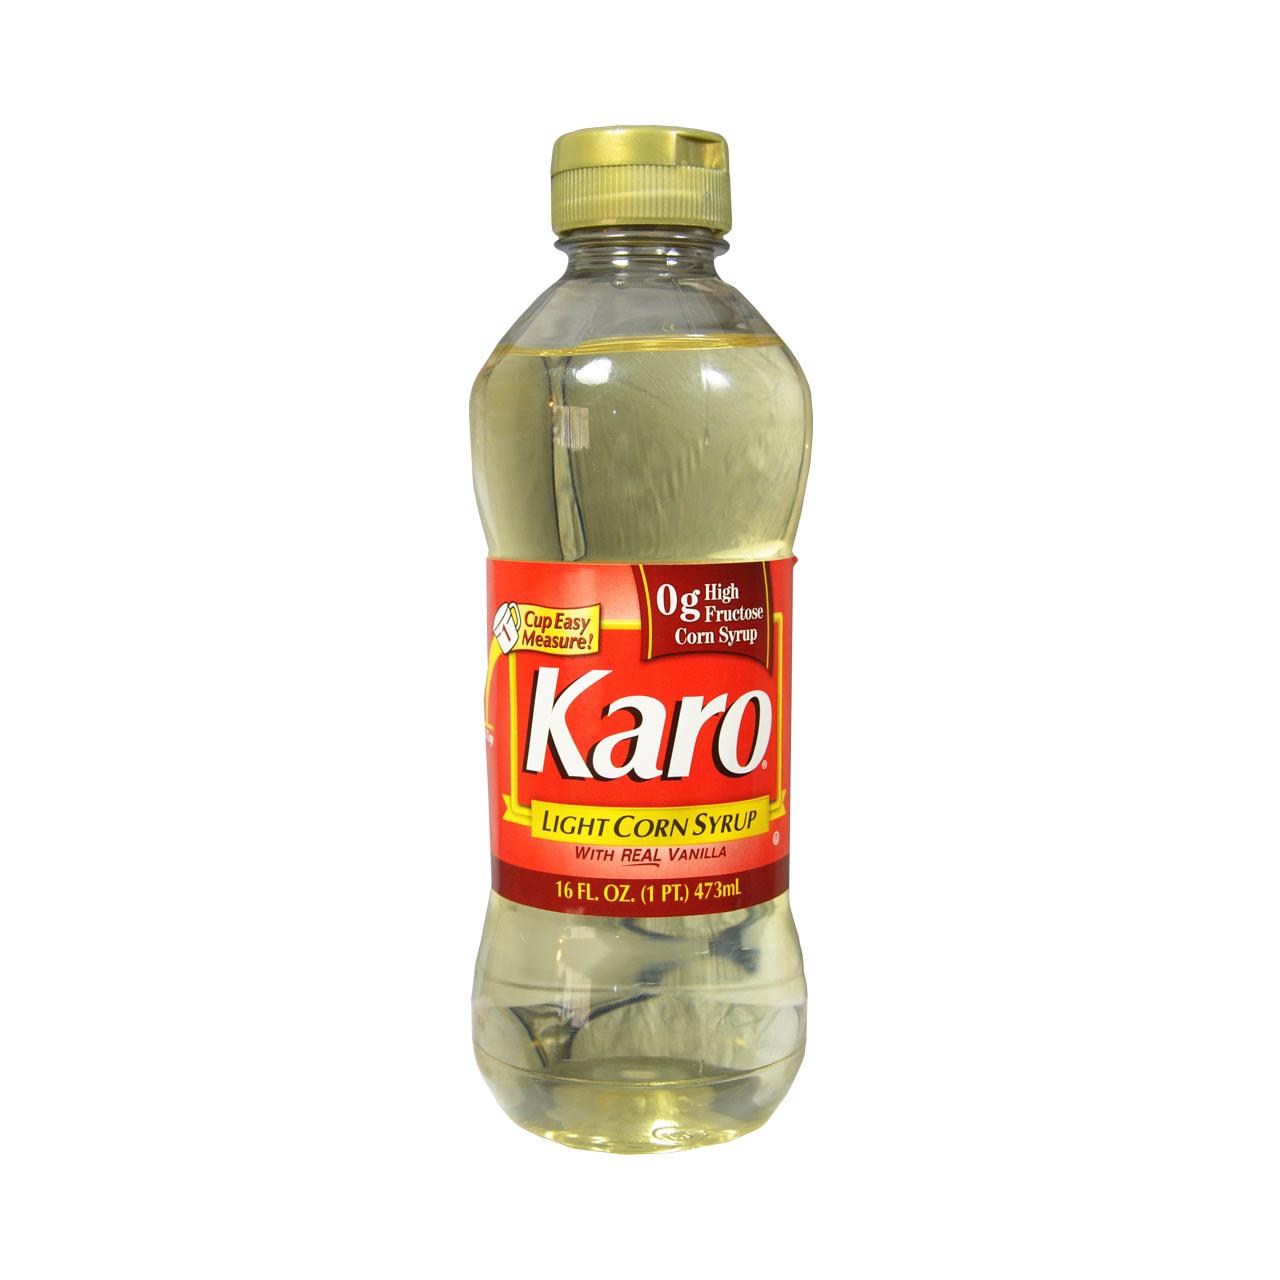 Karo Syrvp Corn Light with vanilla